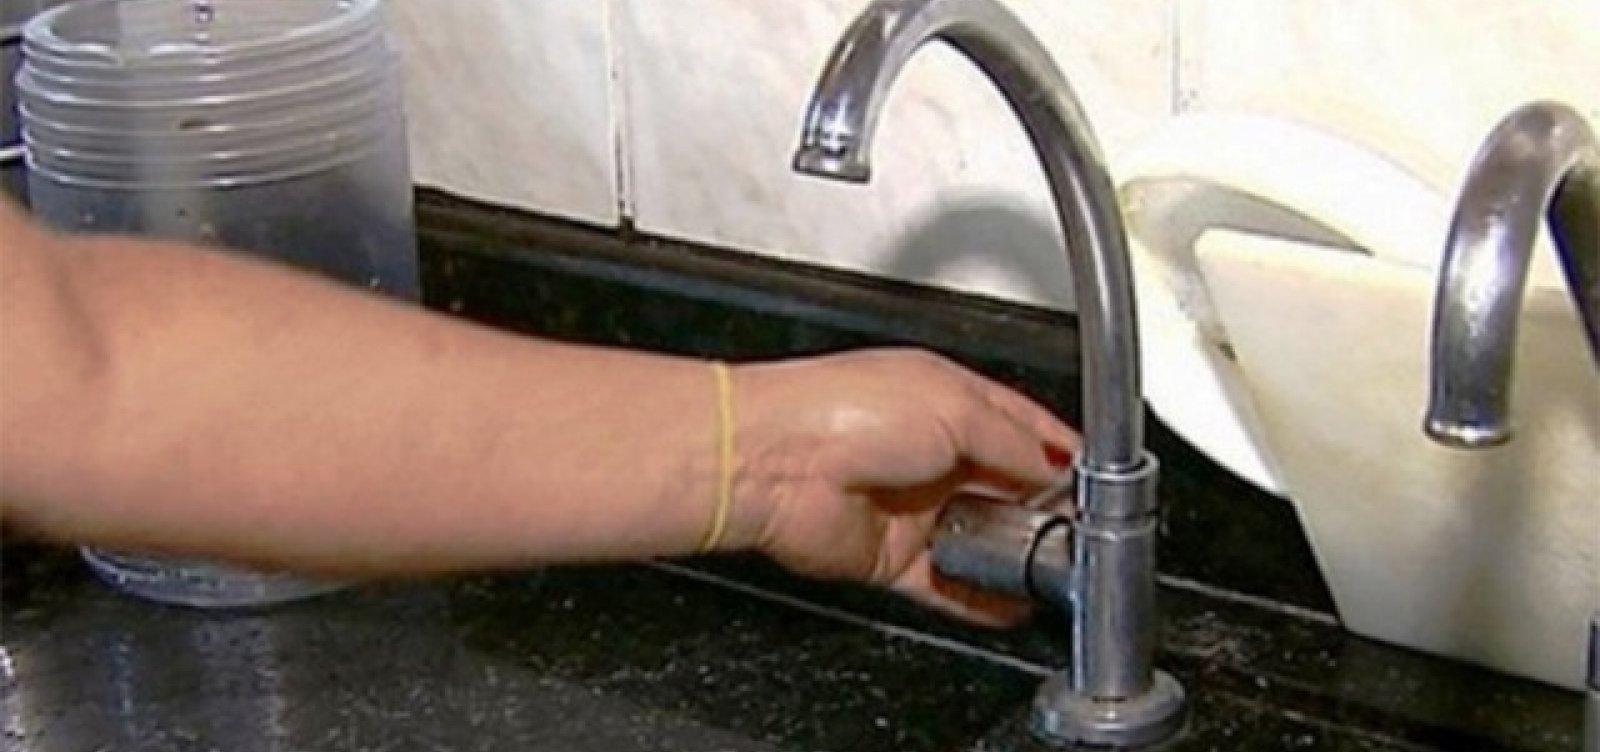 [Abastecimento de água em Feira de Santana e região é reduzido a 60% ]